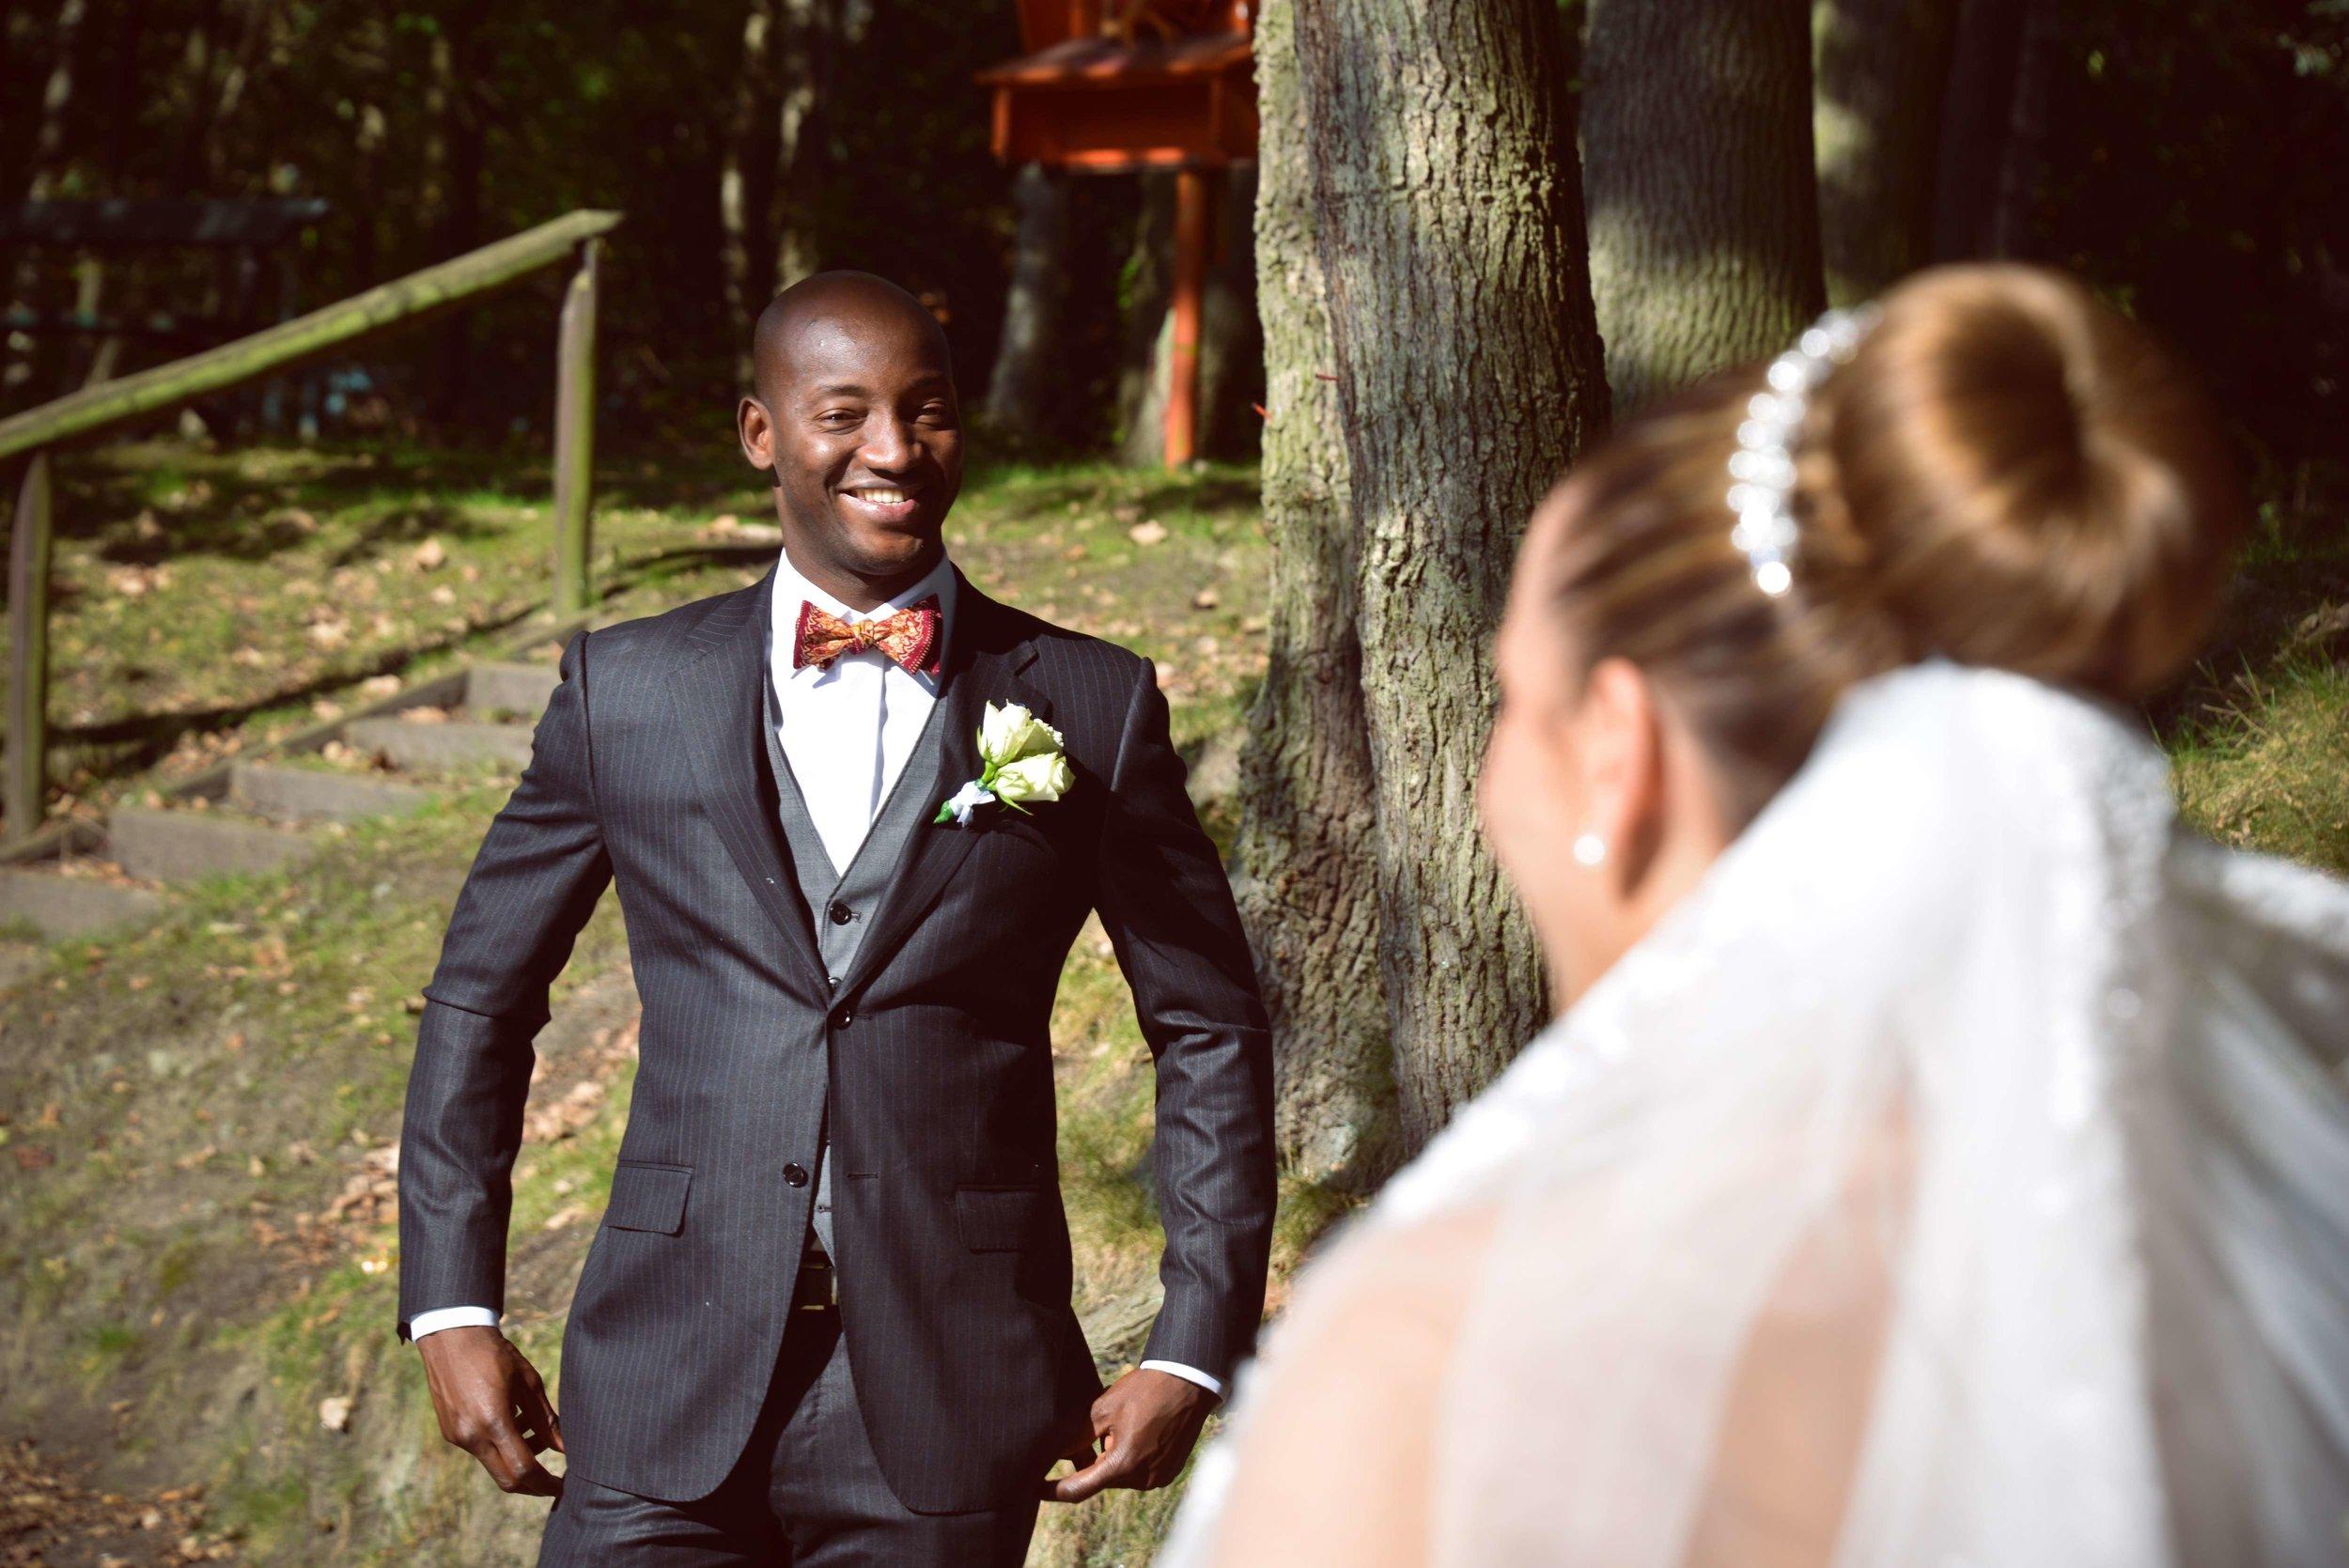 Bart Albrecht fotograaf photographer belgium belgie anbtwerpen antwerp wedding huwelijk huwelijksfotograaf trouwfotograaf trouw bruid bruidegom trouwkleed ceremonie weddingdress topphotographer topfotograaf beste best top 10 178.jpg